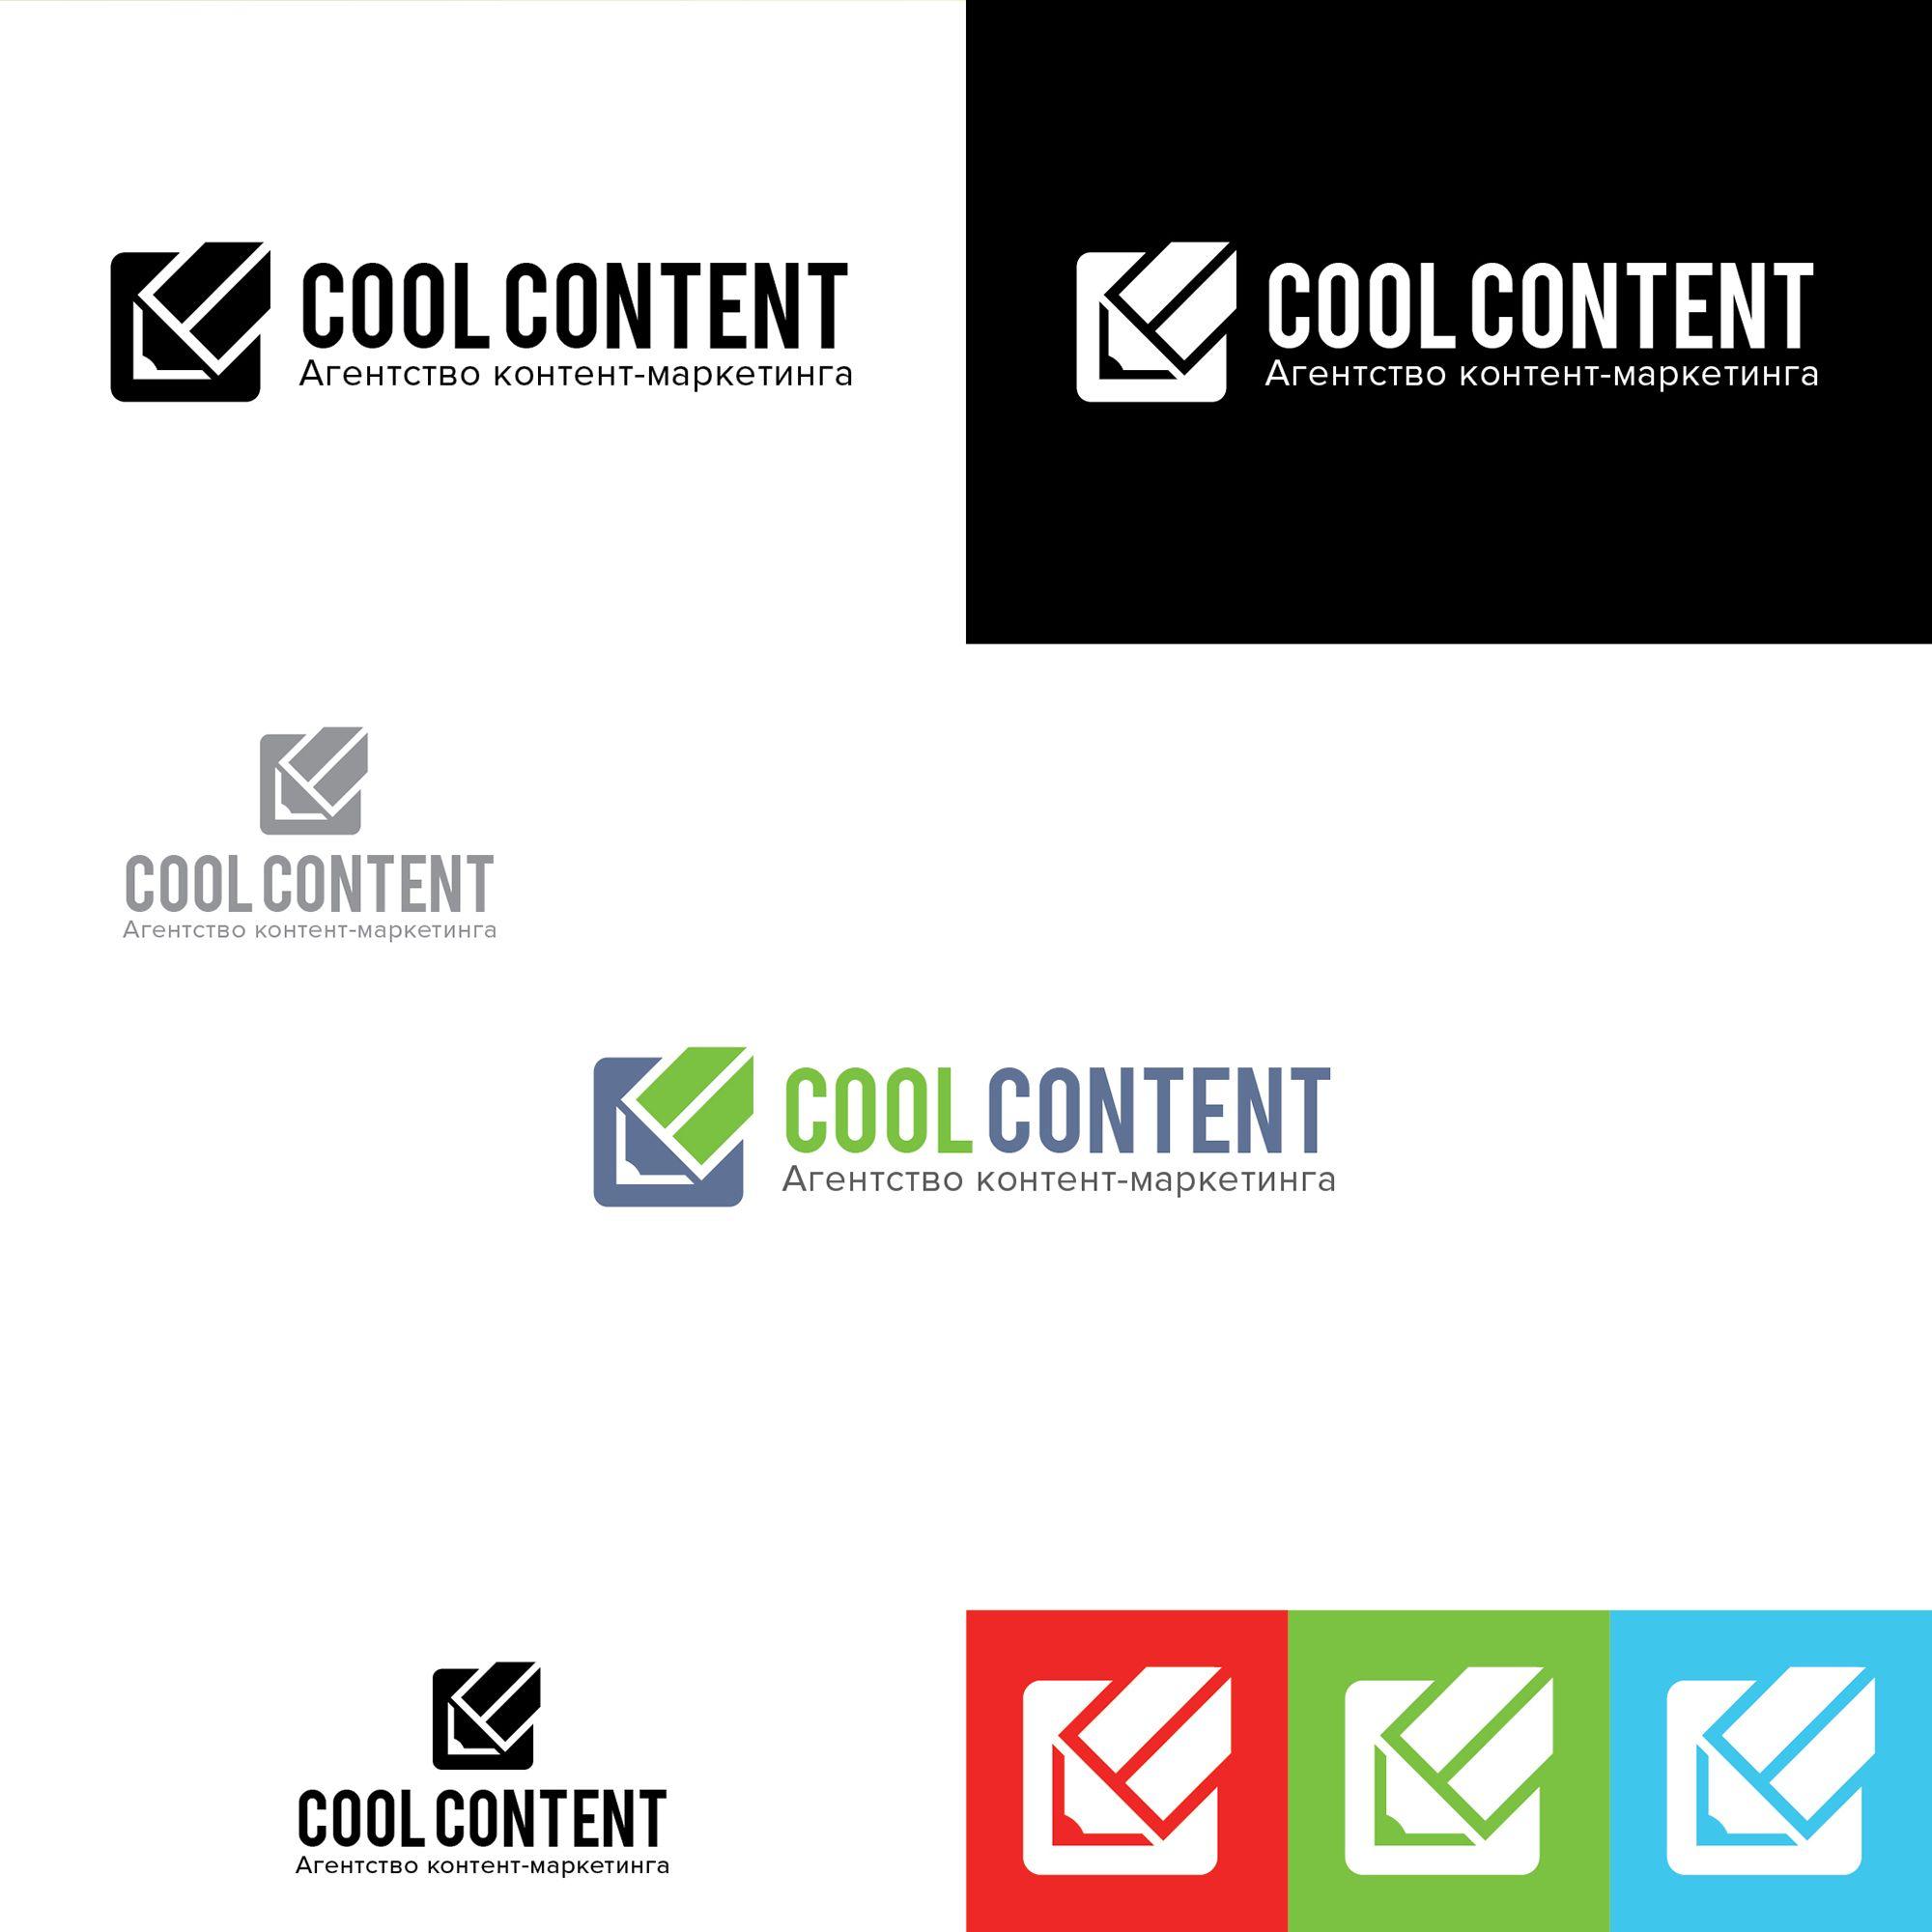 Лого для агентства Cool Content - дизайнер vadimsoloviev